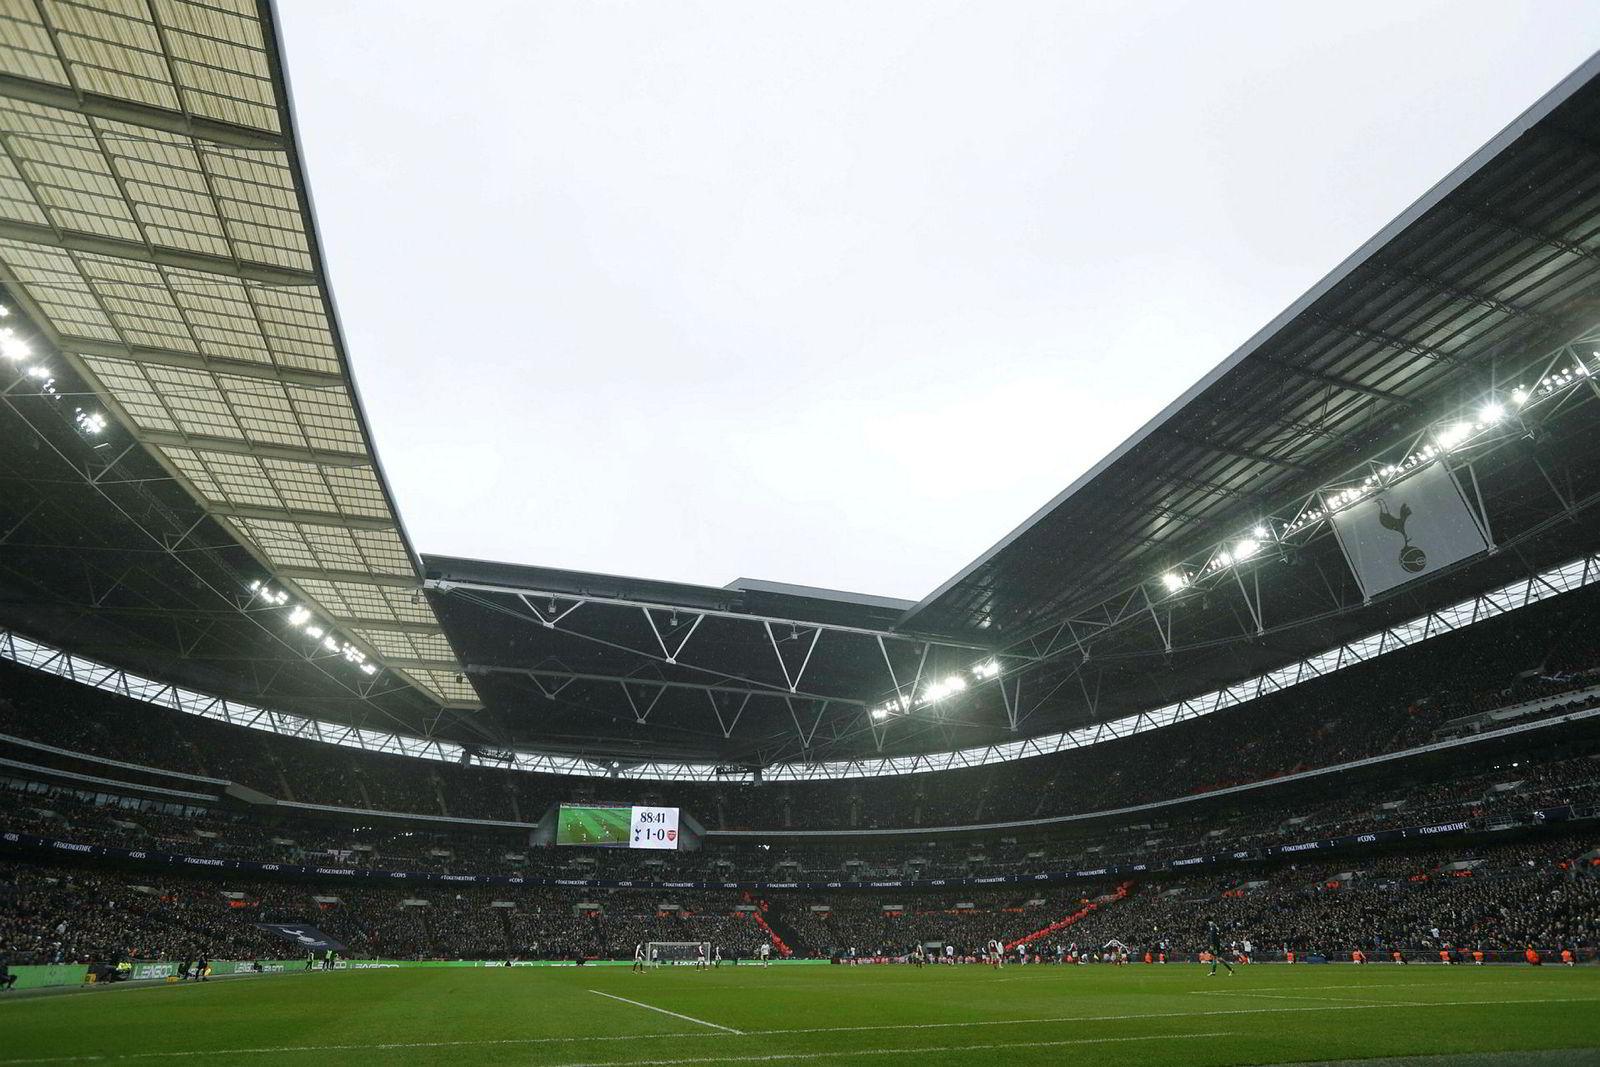 Wembley stadion i London er i spill etter at det er kommet et bud på 5,56 milliarder kroner på anlegget.